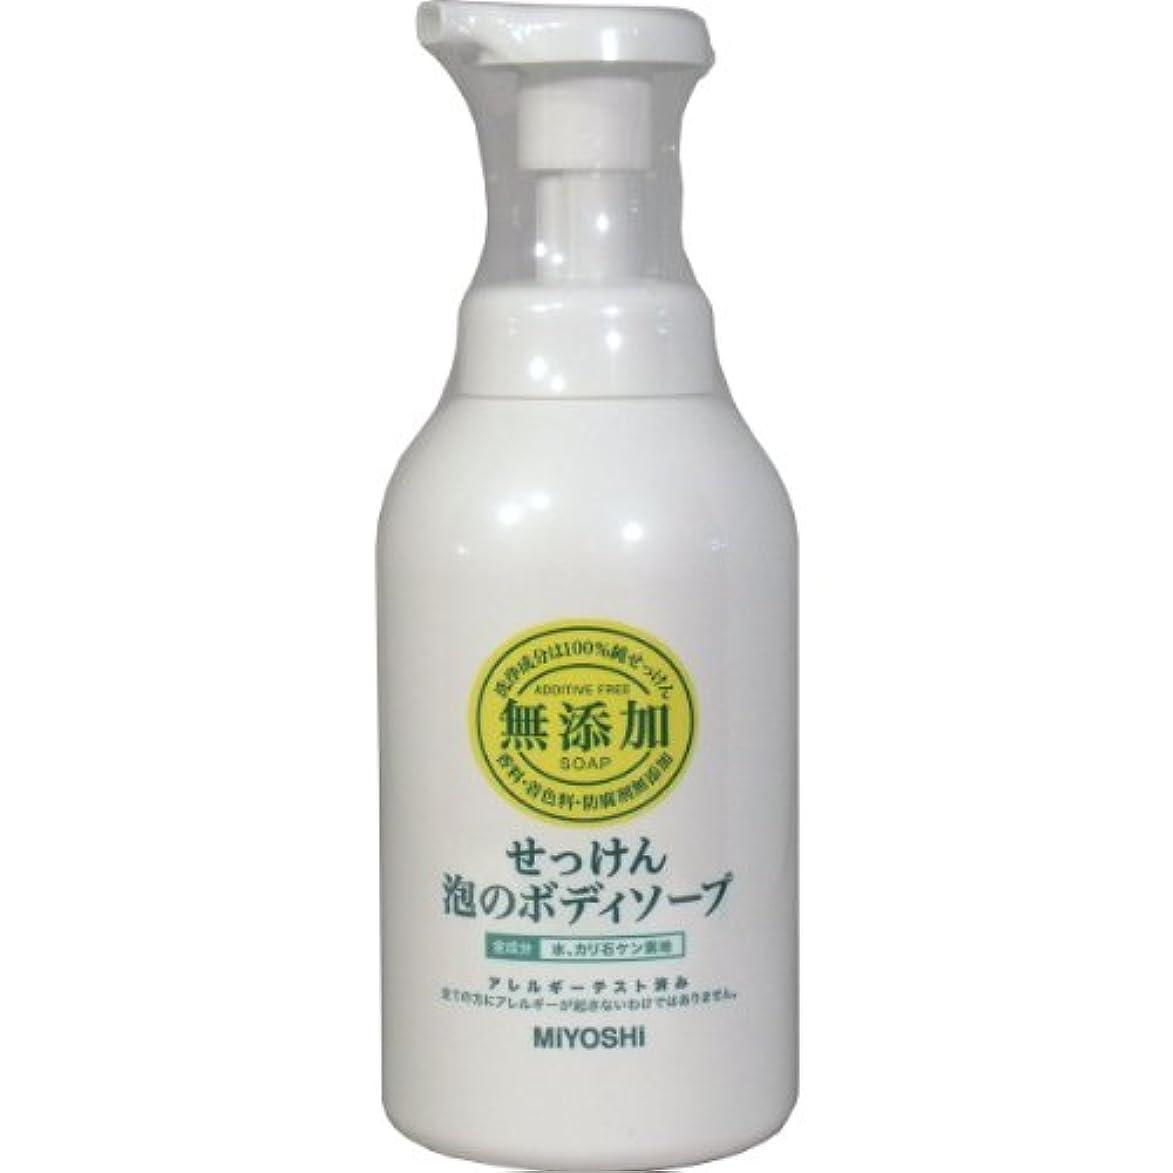 動機付ける水分受動的洗浄成分は100%純せっけん!!ミヨシ無添加シリーズは石けん成分以外に何も添加していません!ポンプ500mL